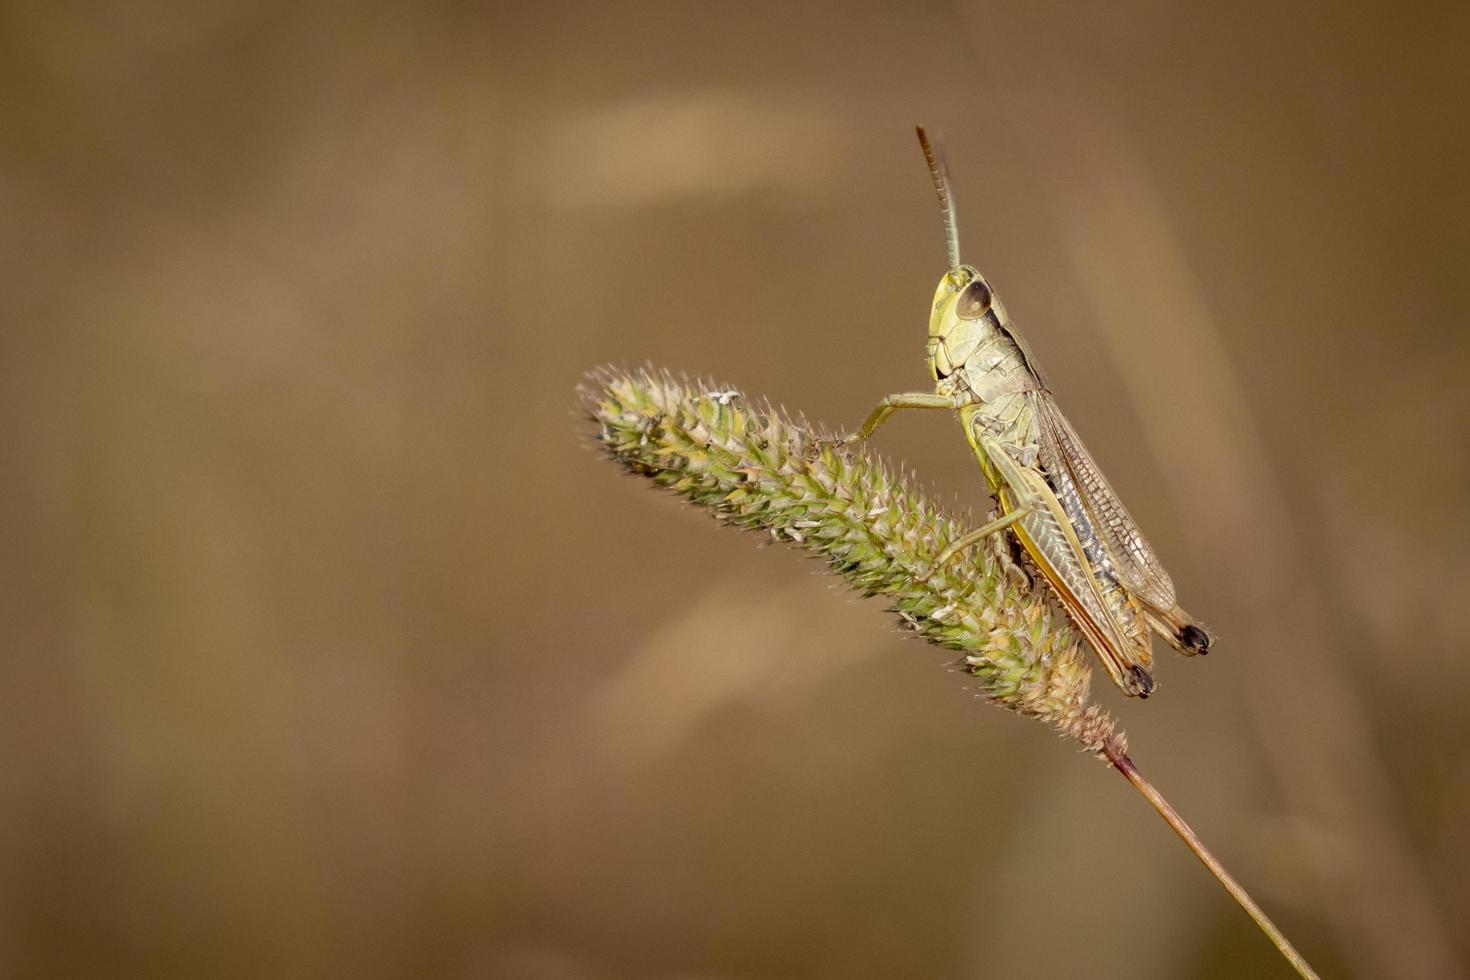 gafanhoto do prado em uma folha de grama foto